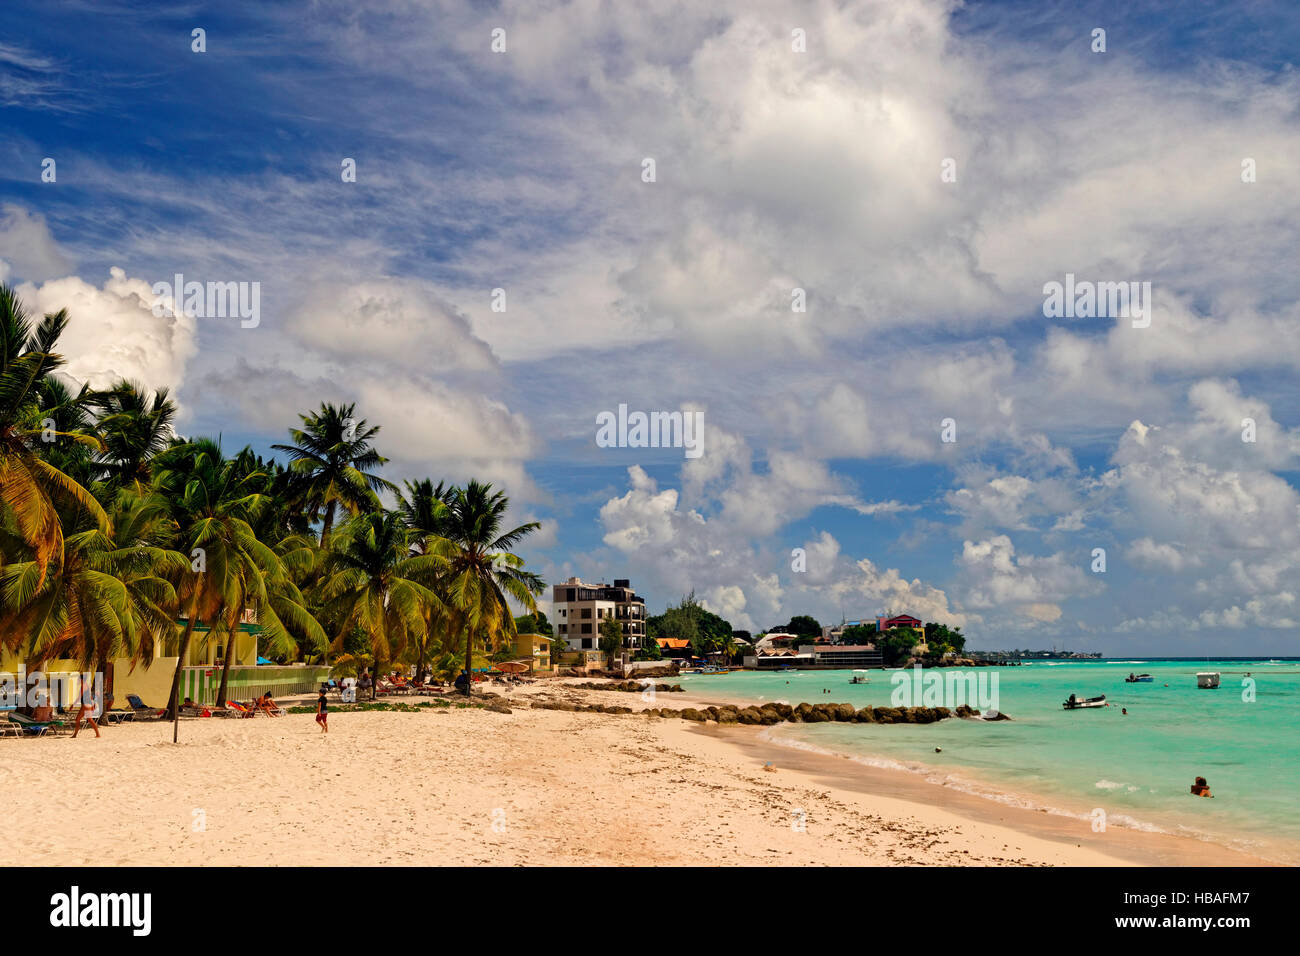 Worthing Beach en Worthing, entre St. Lawrence Gap y a Bridgetown, Barbados, Costa Sur, el Caribe. Foto de stock